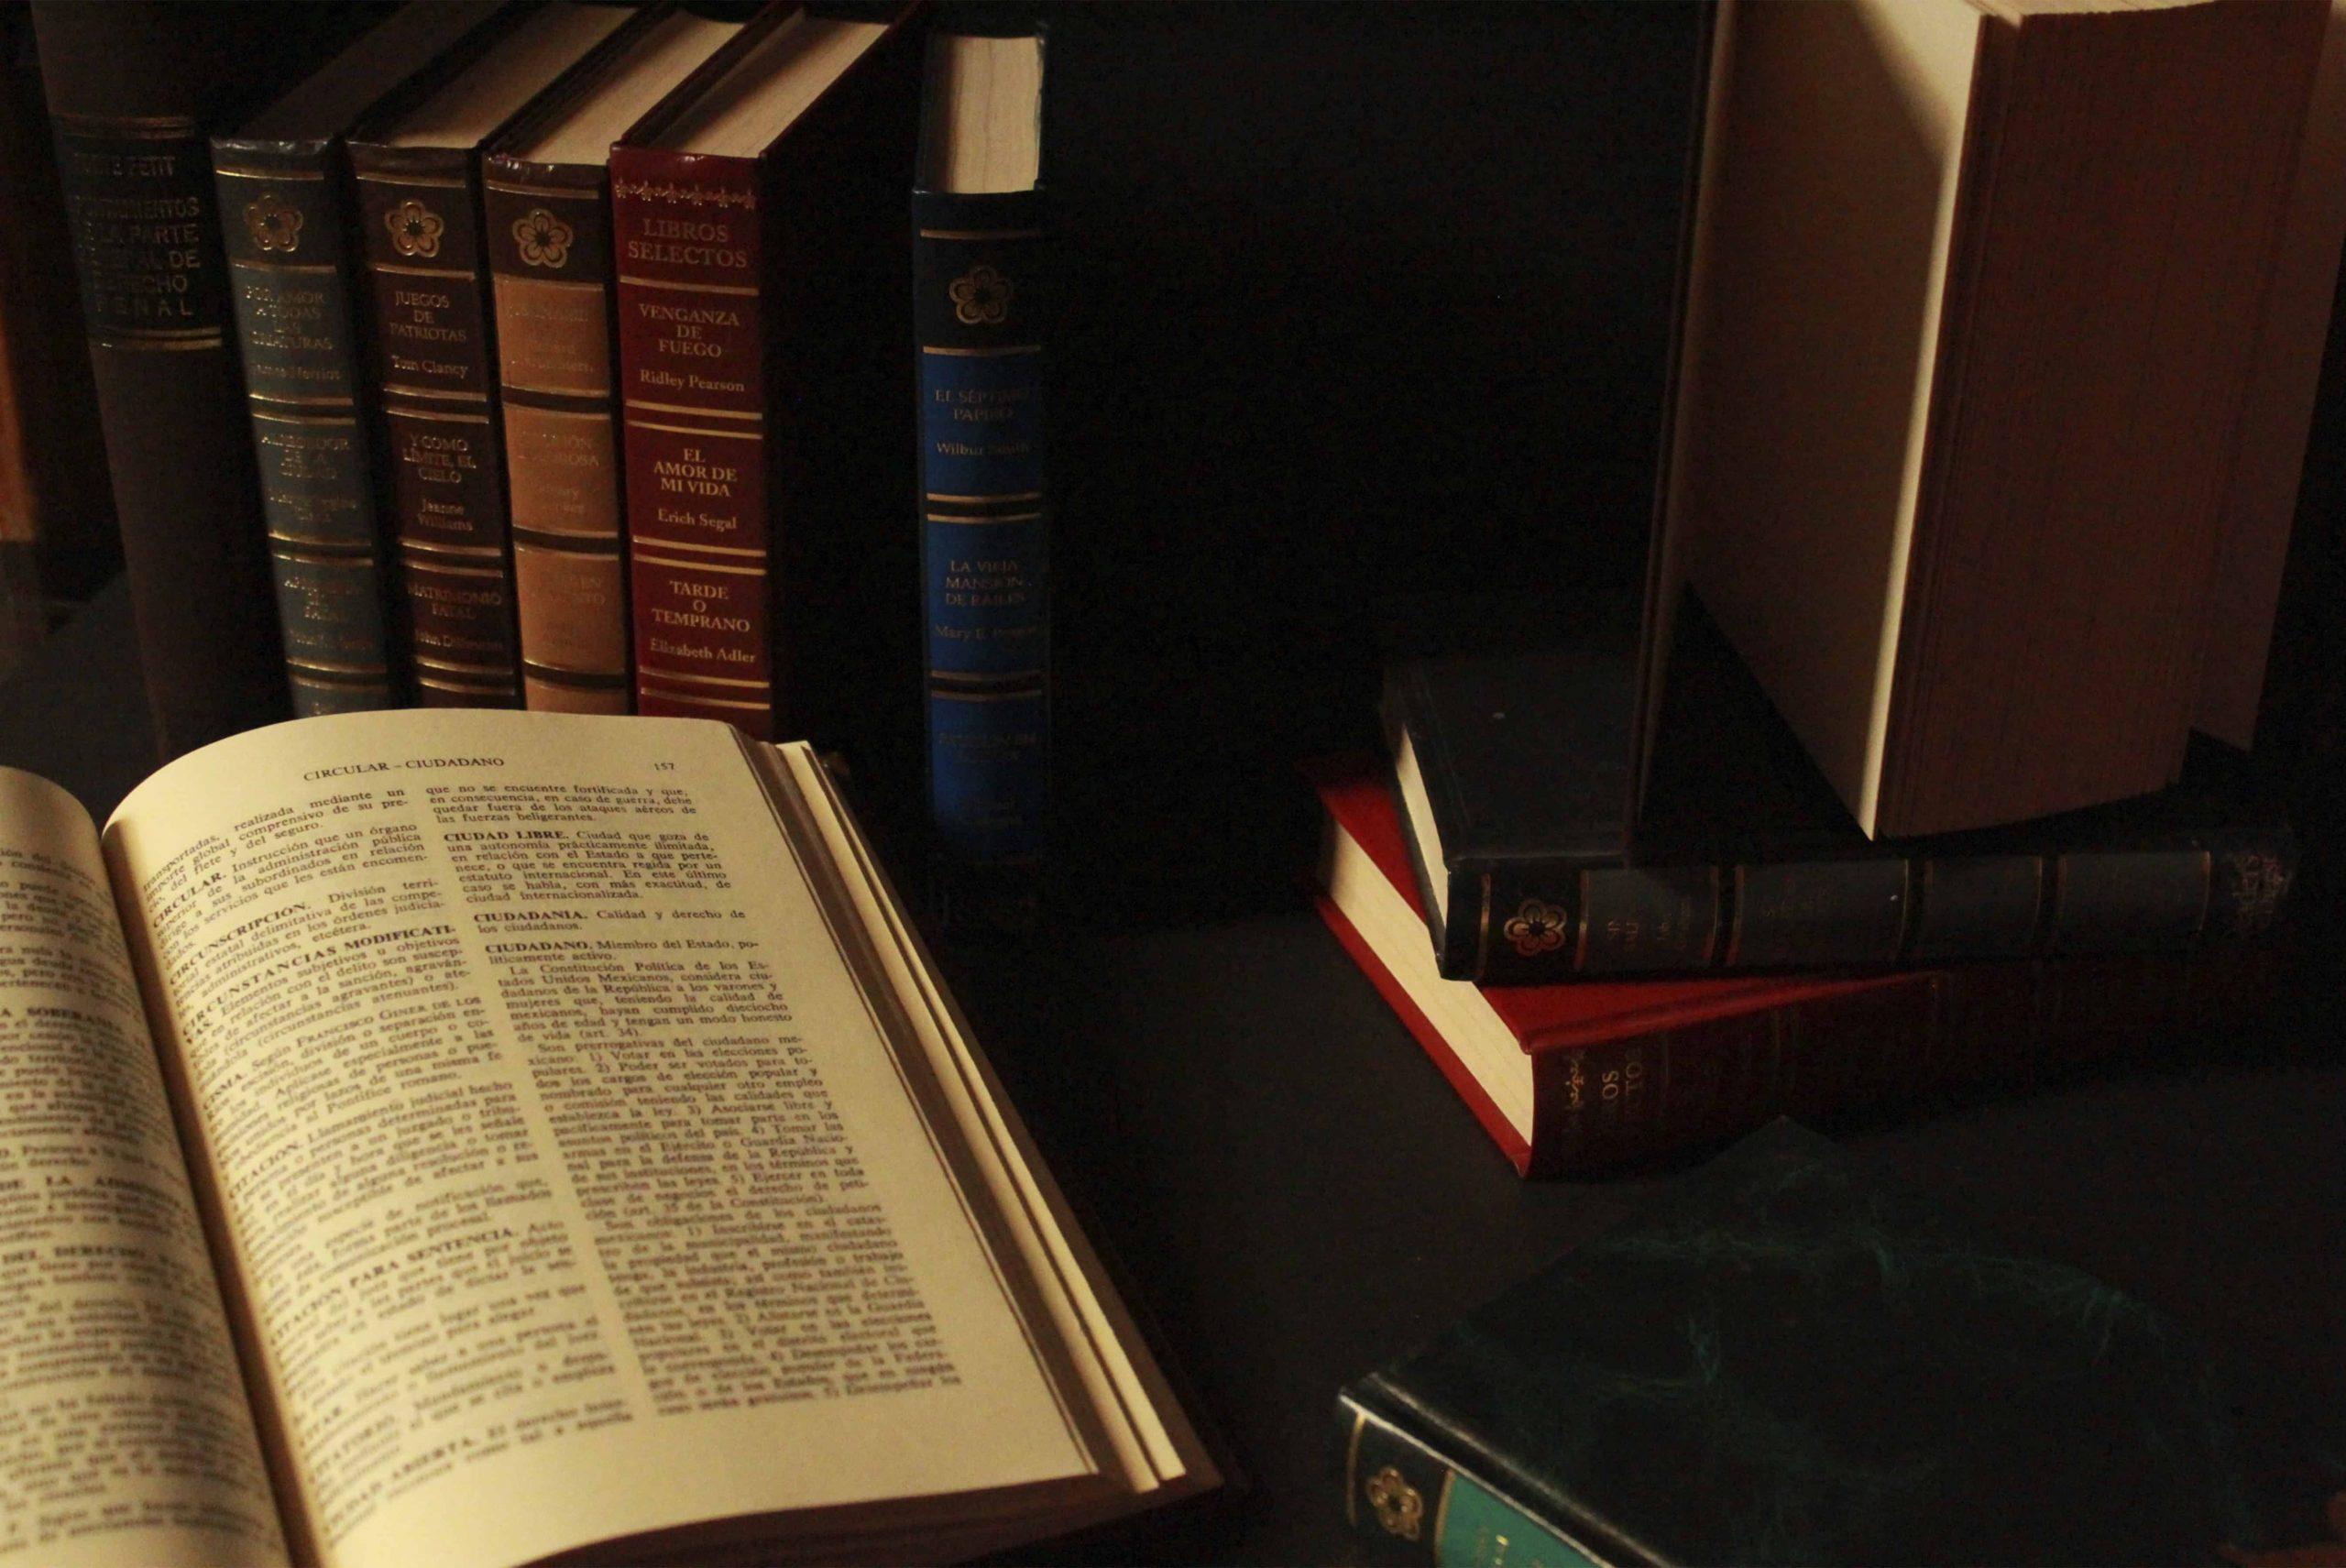 Livros enfileirados e um aberto a frente.